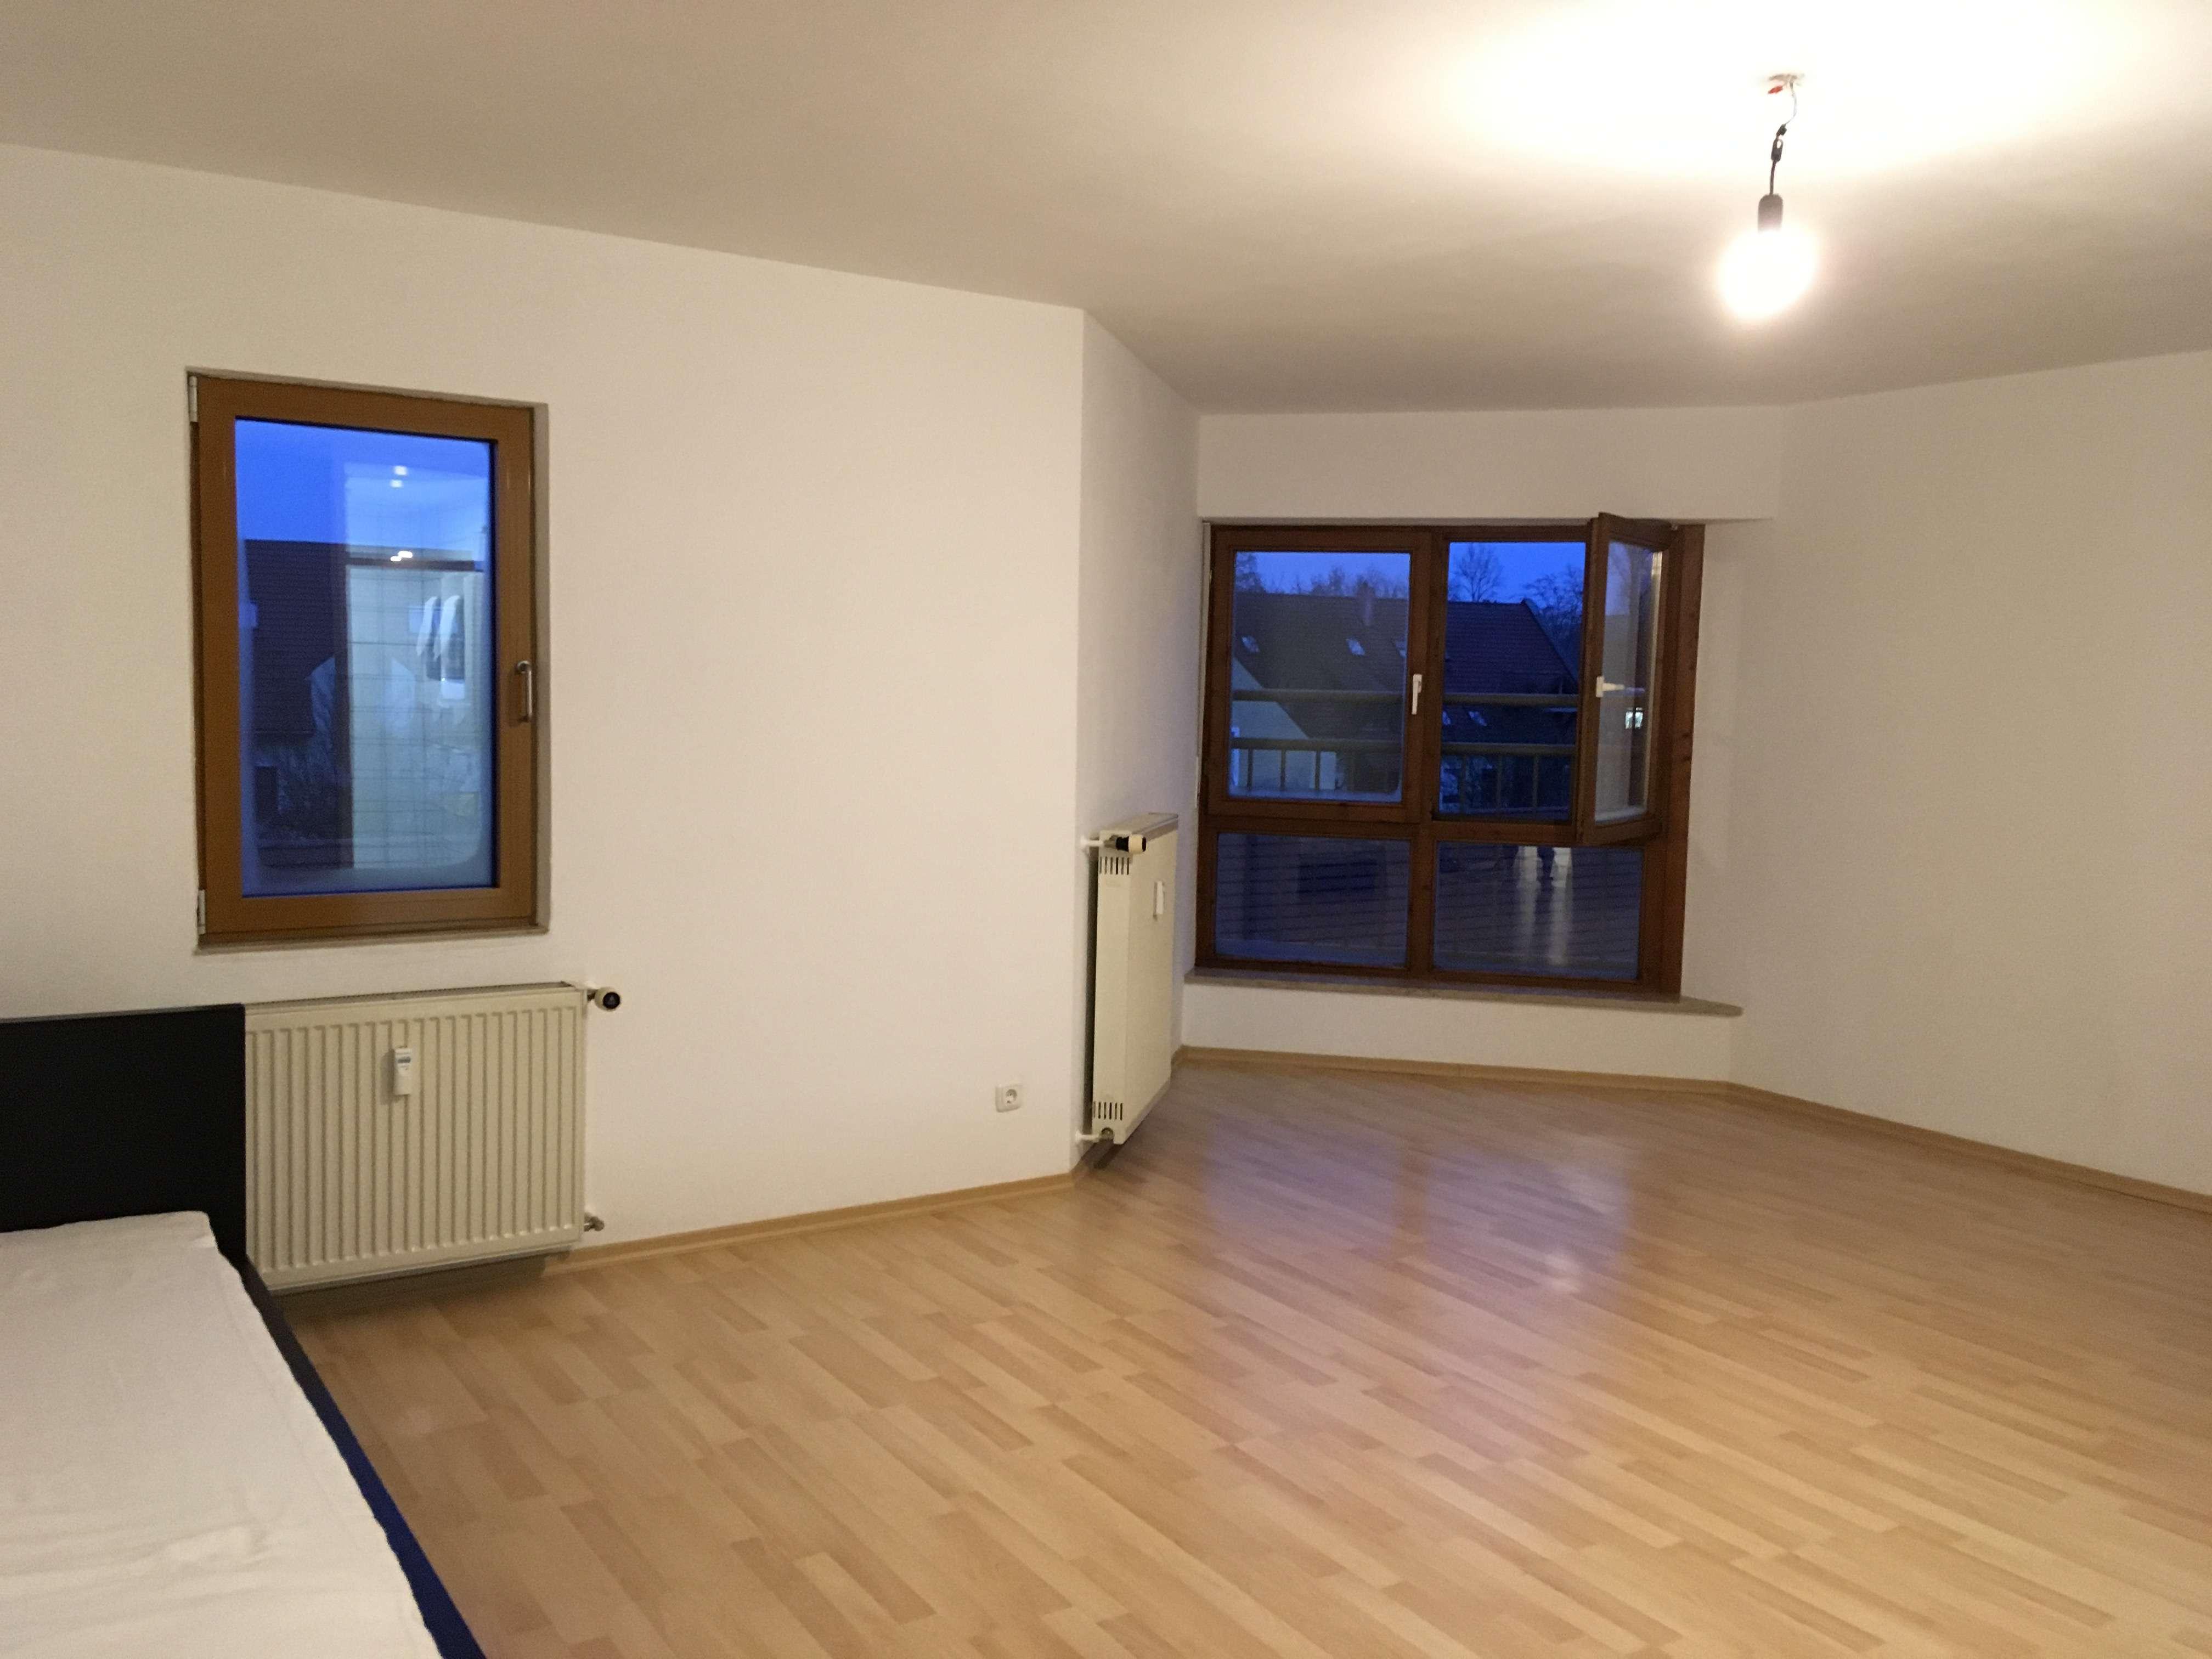 Top renovierte 1 - Zimmer - Wohnung zu vermieten in Kumpfmühl-Ziegetsdorf-Neuprüll (Regensburg)